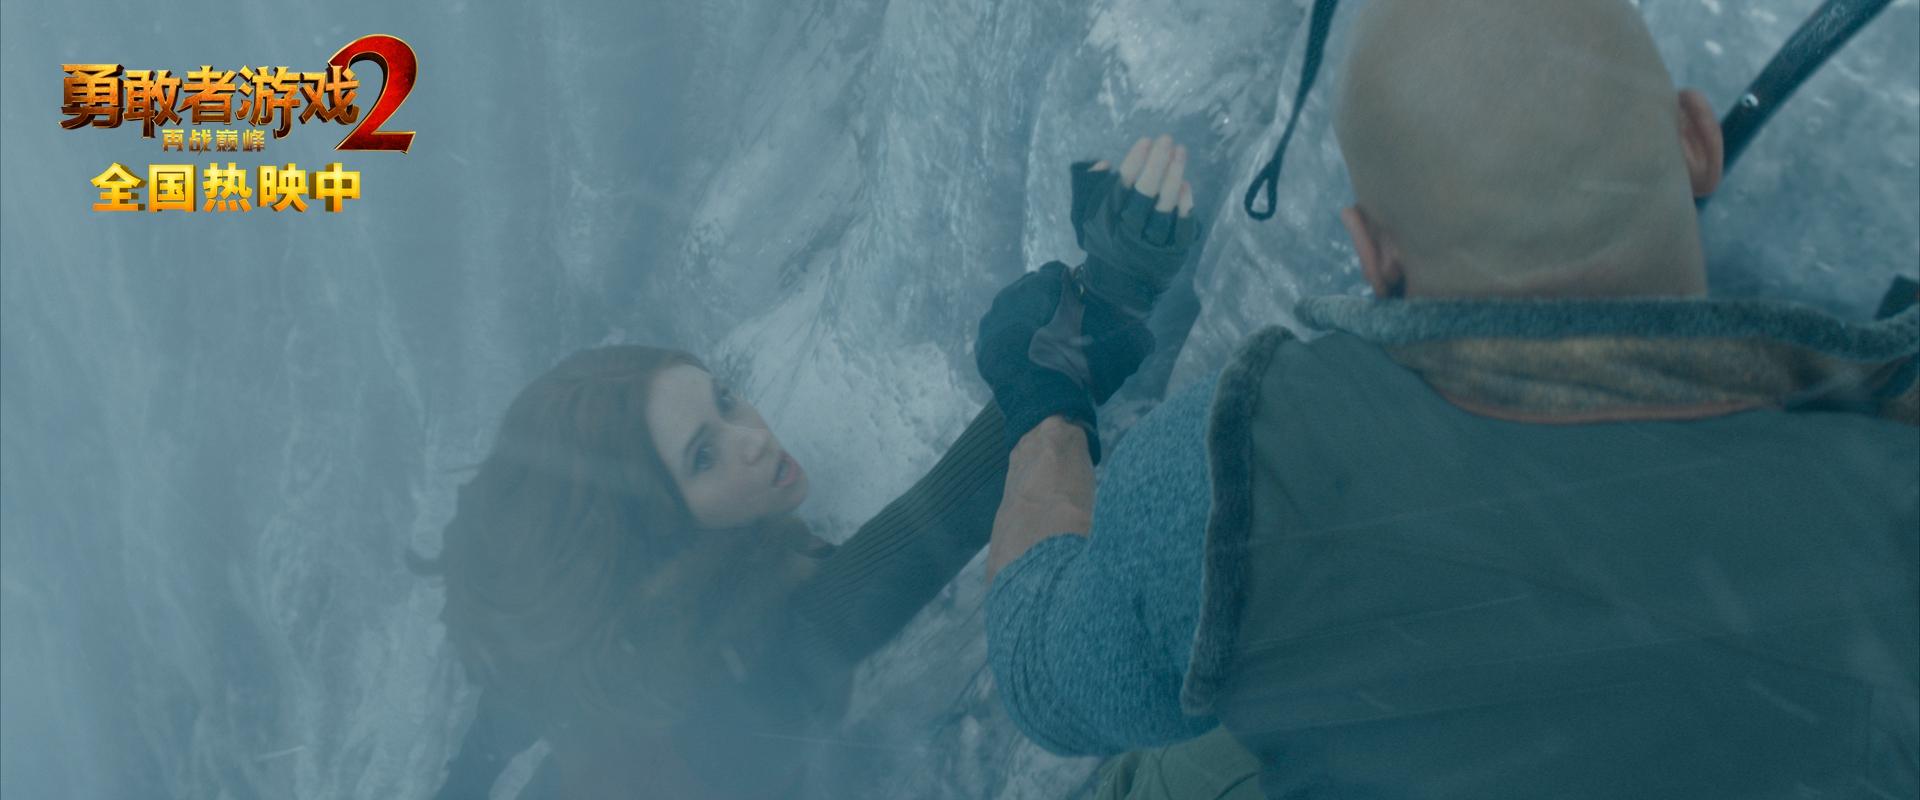 《勇敢者游戲2》北美首映巨石強森開掛勇敢者游戲超解壓